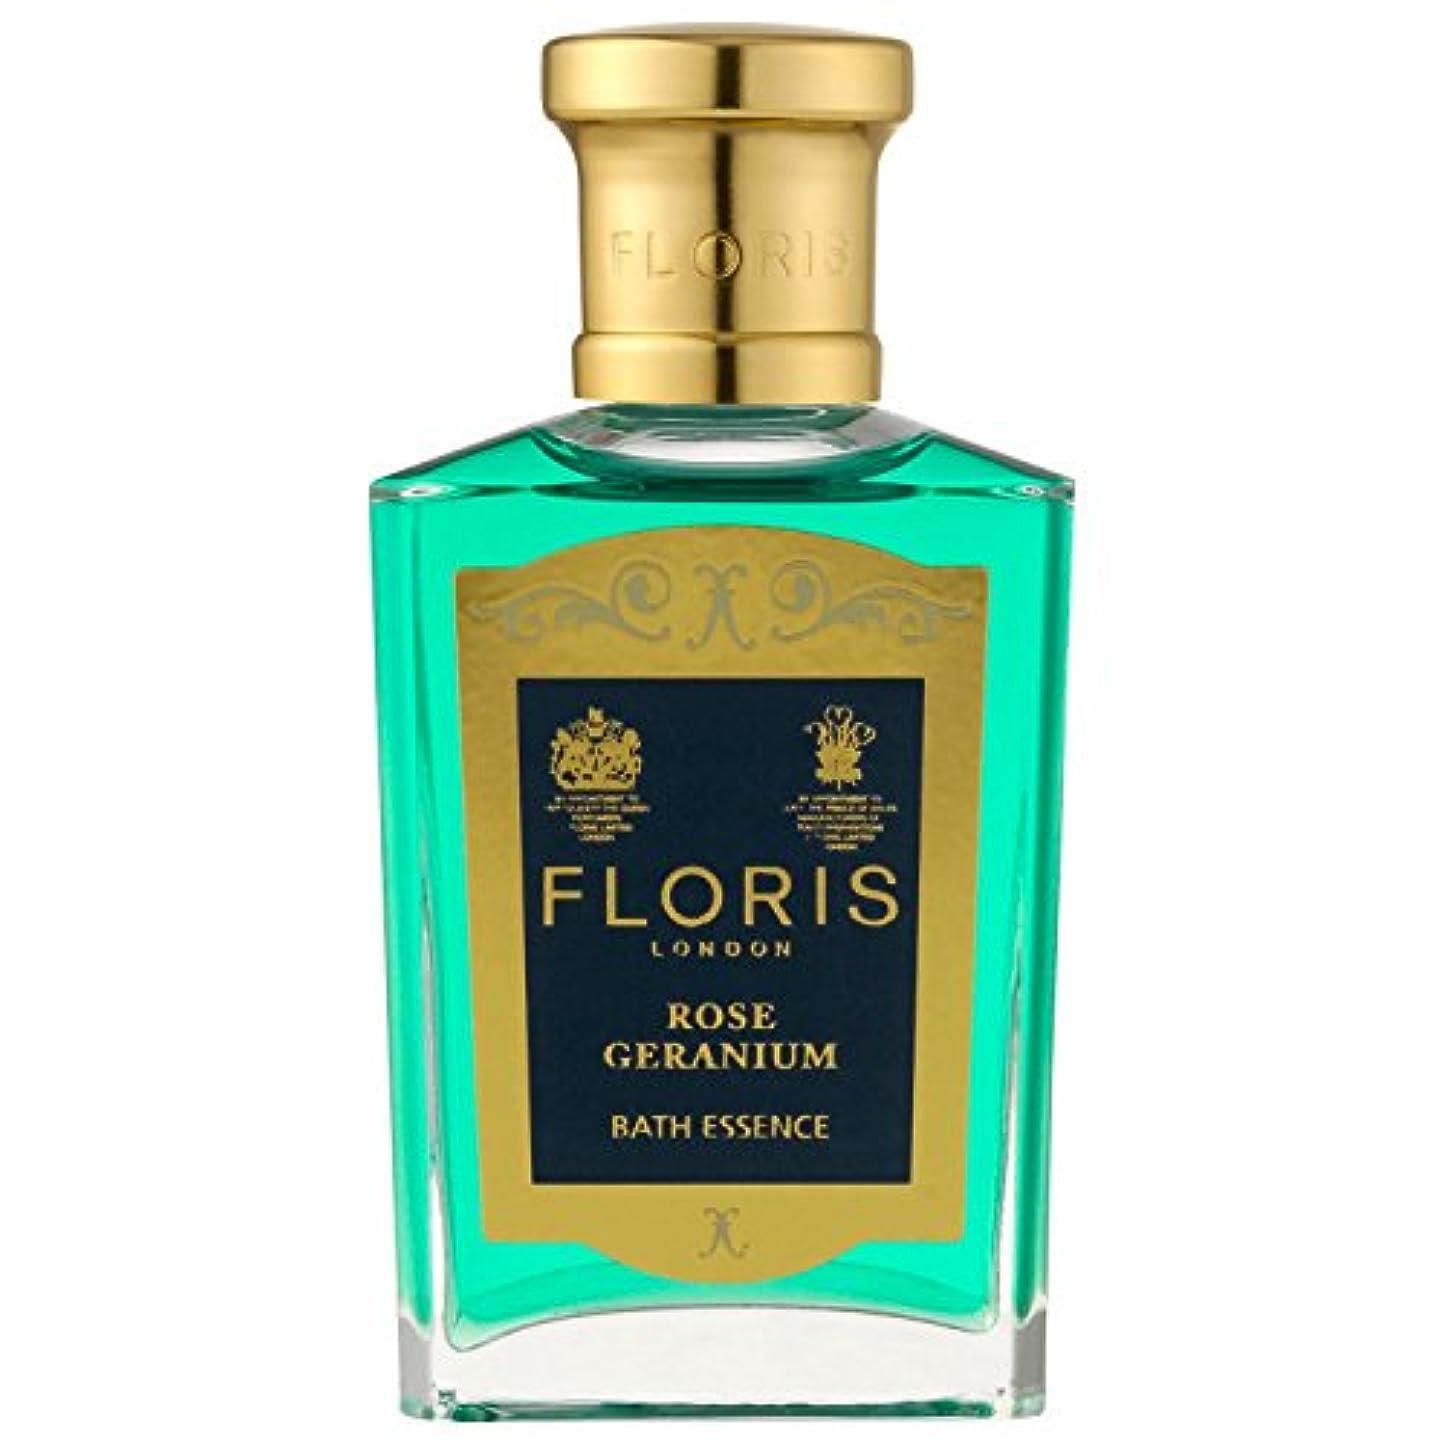 選挙払い戻し食欲[Floris] フロリスは、ゼラニウムバスエッセンス50ミリリットルをバラ - Floris Rose Geranium Bath Essence 50ml [並行輸入品]